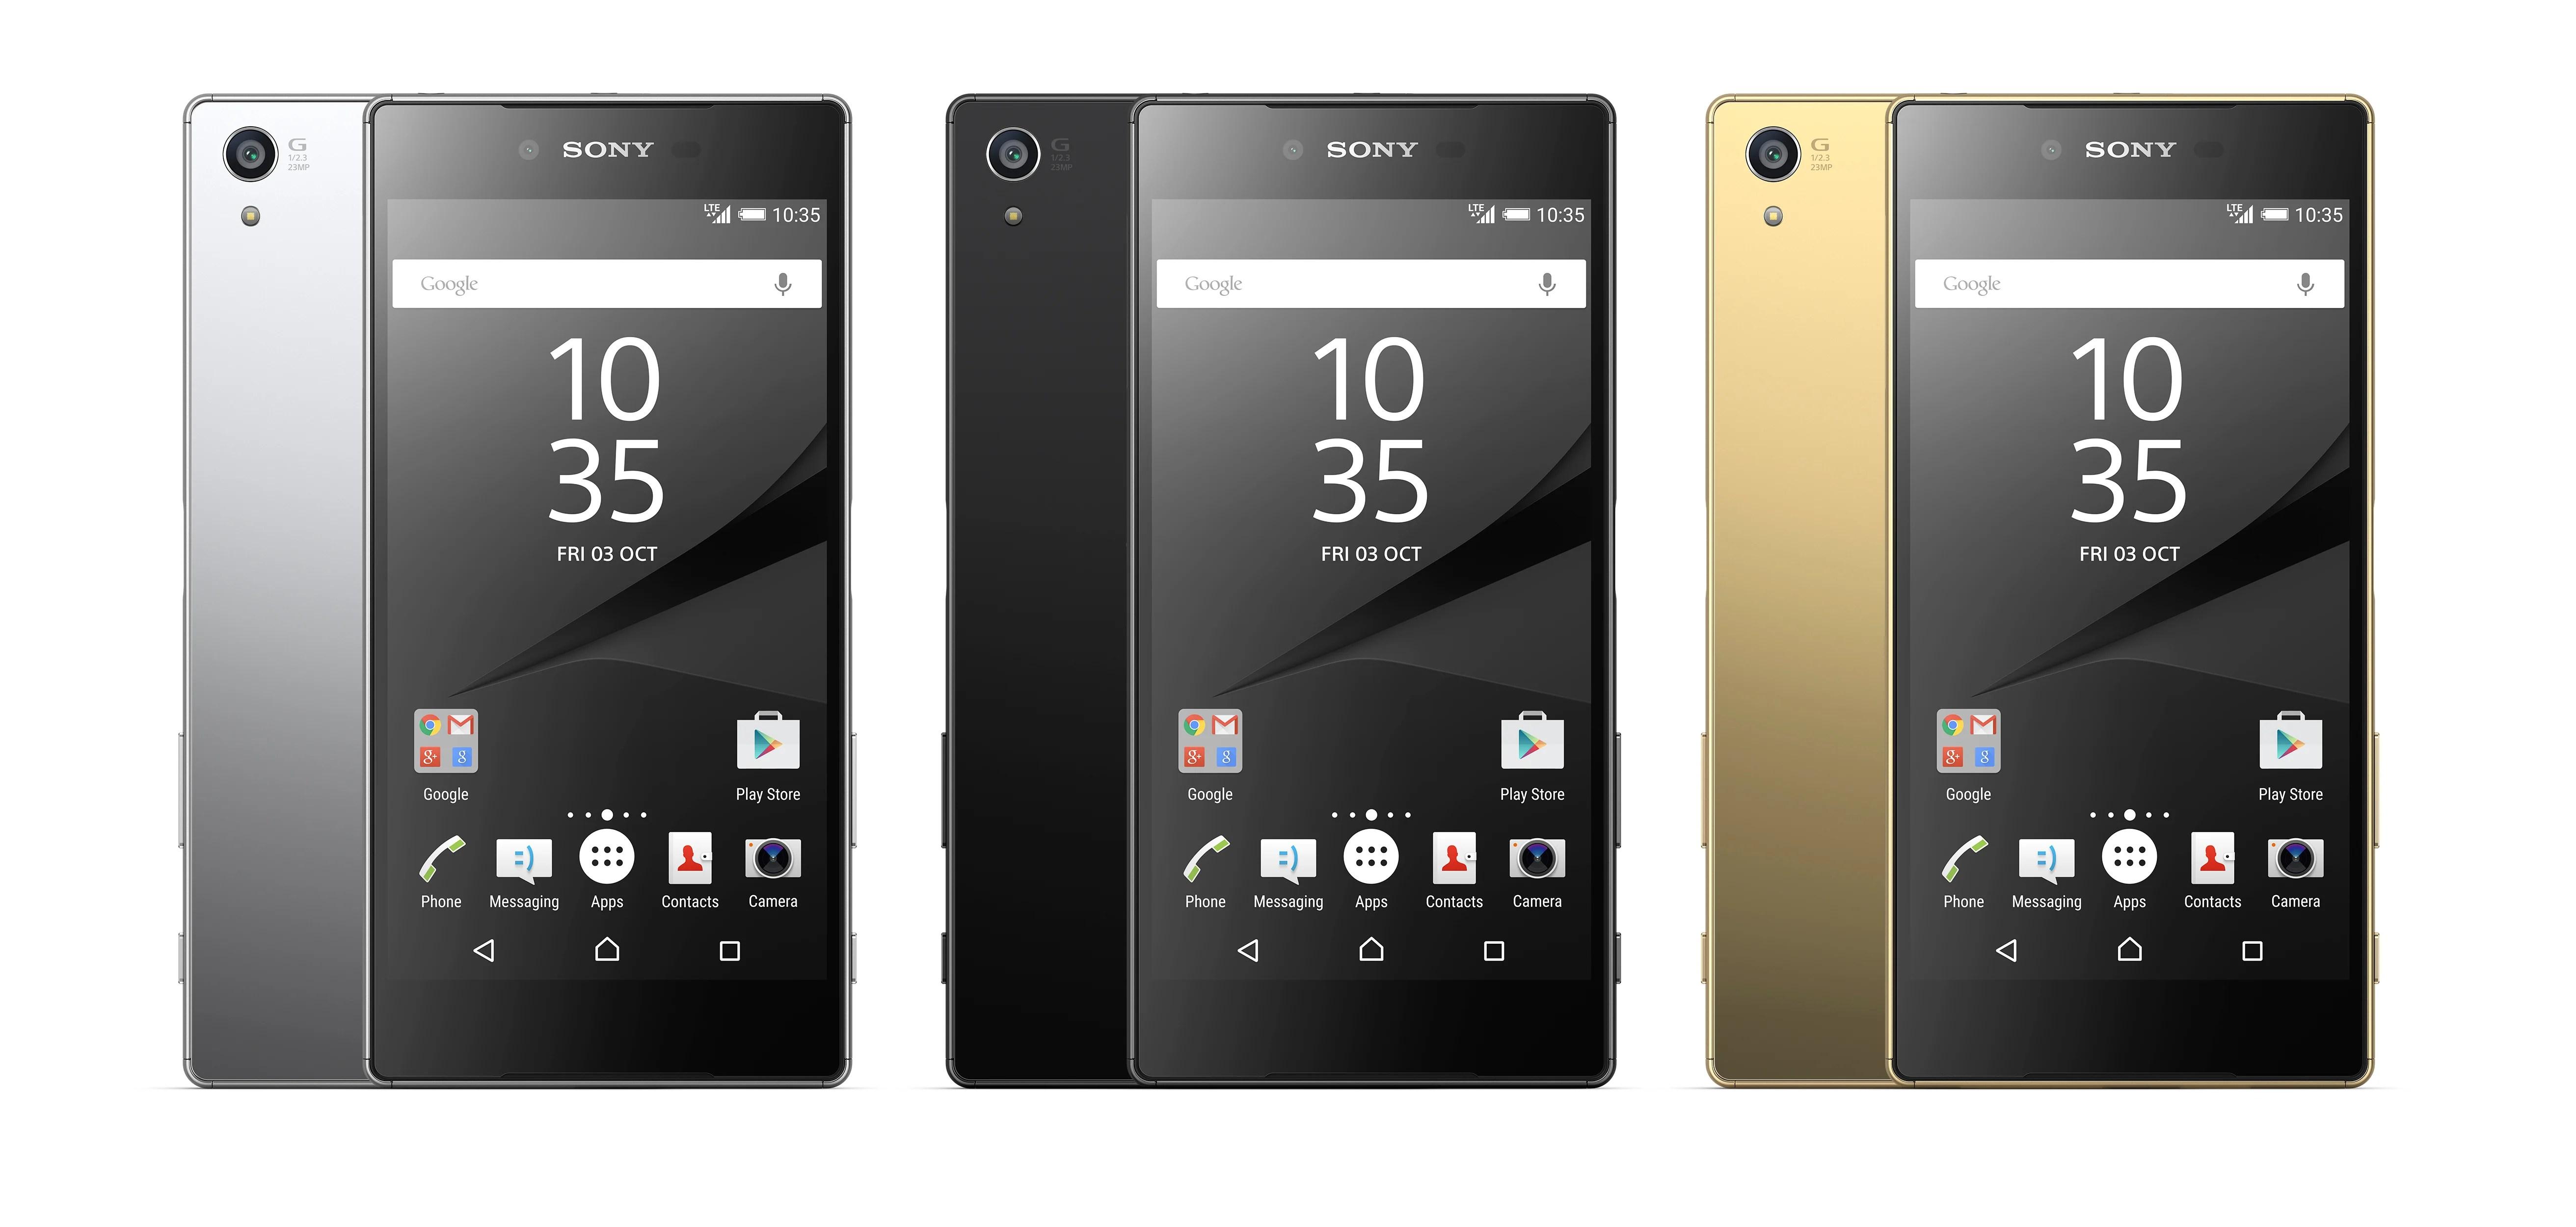 Le Sony Xperia Z5 Premium est désormais disponible en France